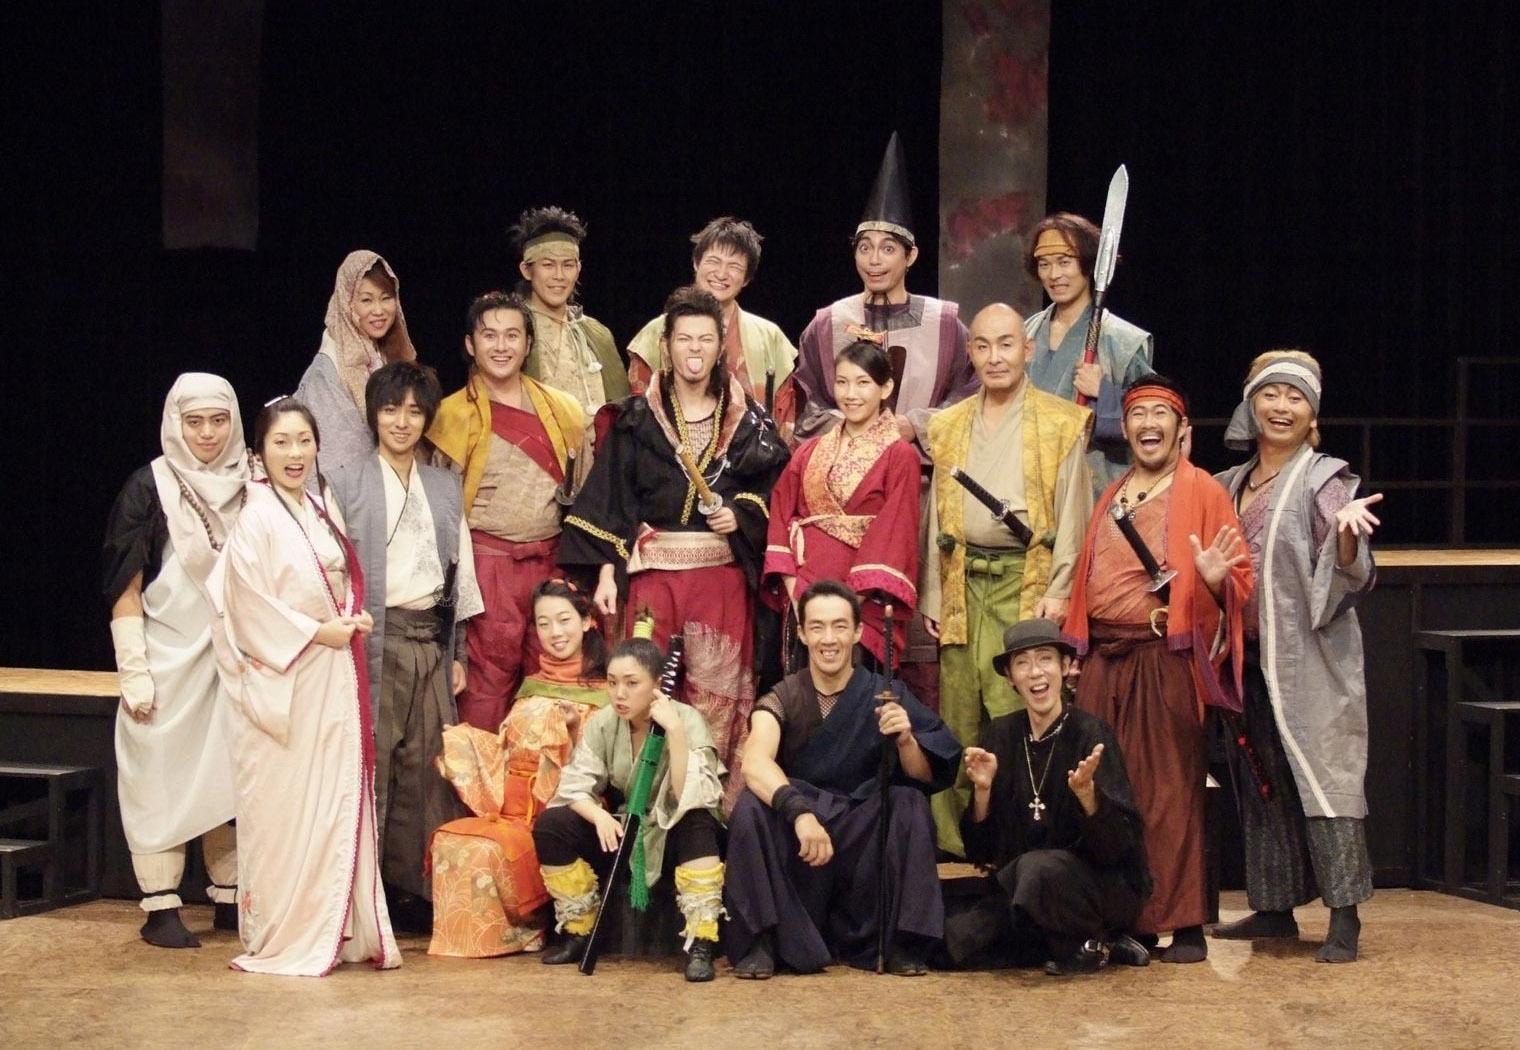 2009プロデュース公演「ガーネット・オペラ」